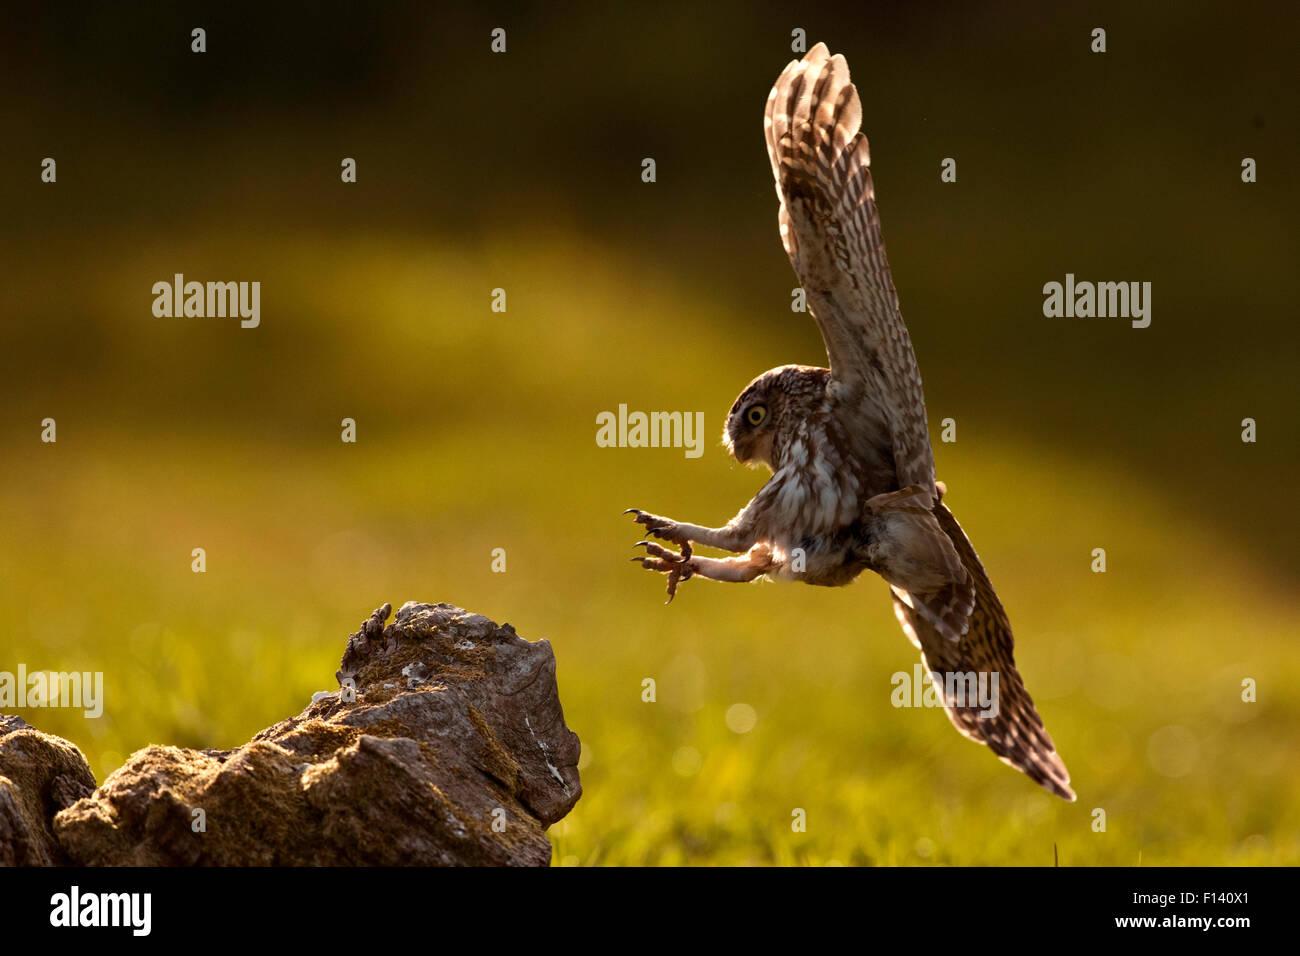 Steinkauz (Athene Noctua) Landung auf Barsch, UK, Mai. Stockbild